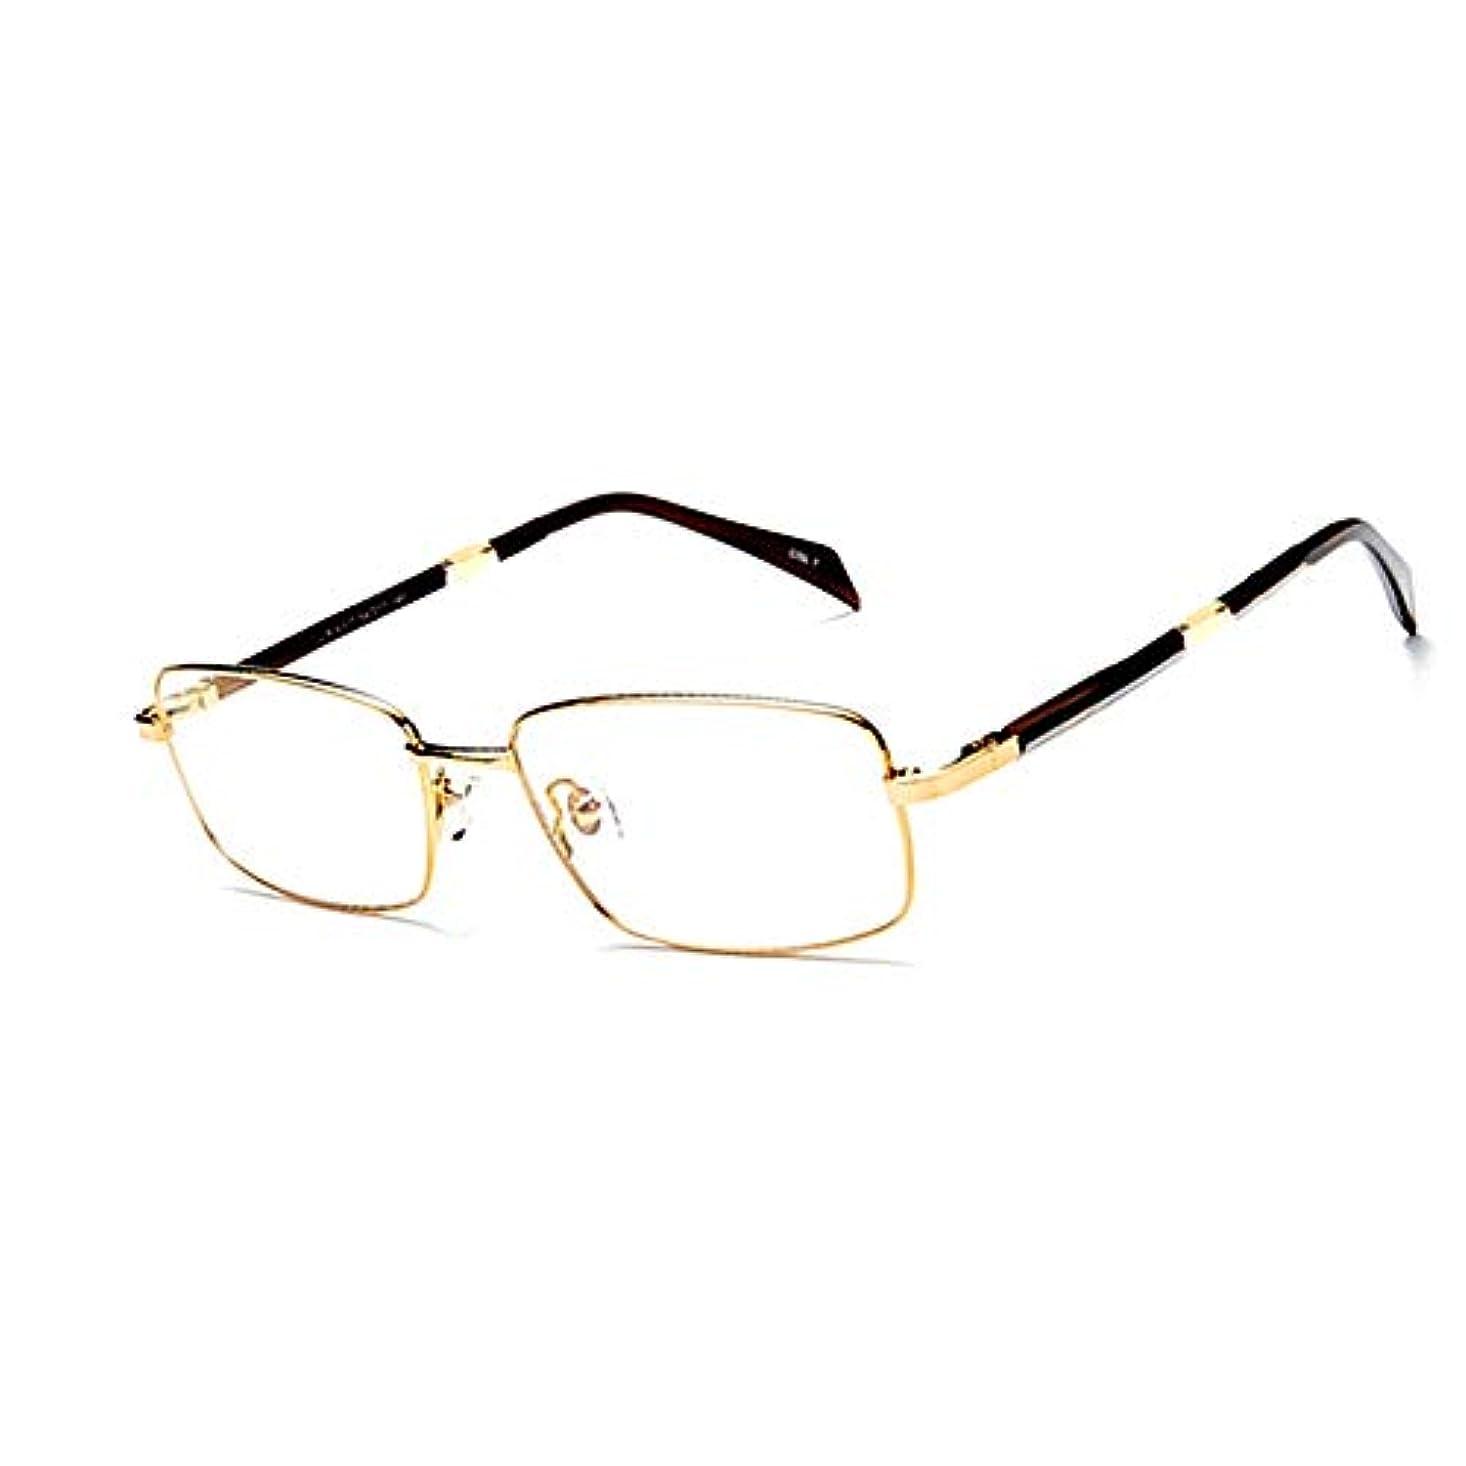 インテリジェント老眼鏡、変色およびマルチフォーカスユニセックスメガネ、快適でスタイリッシュな超軽量メガネ、読書用オフィスアウトドアスポーツ